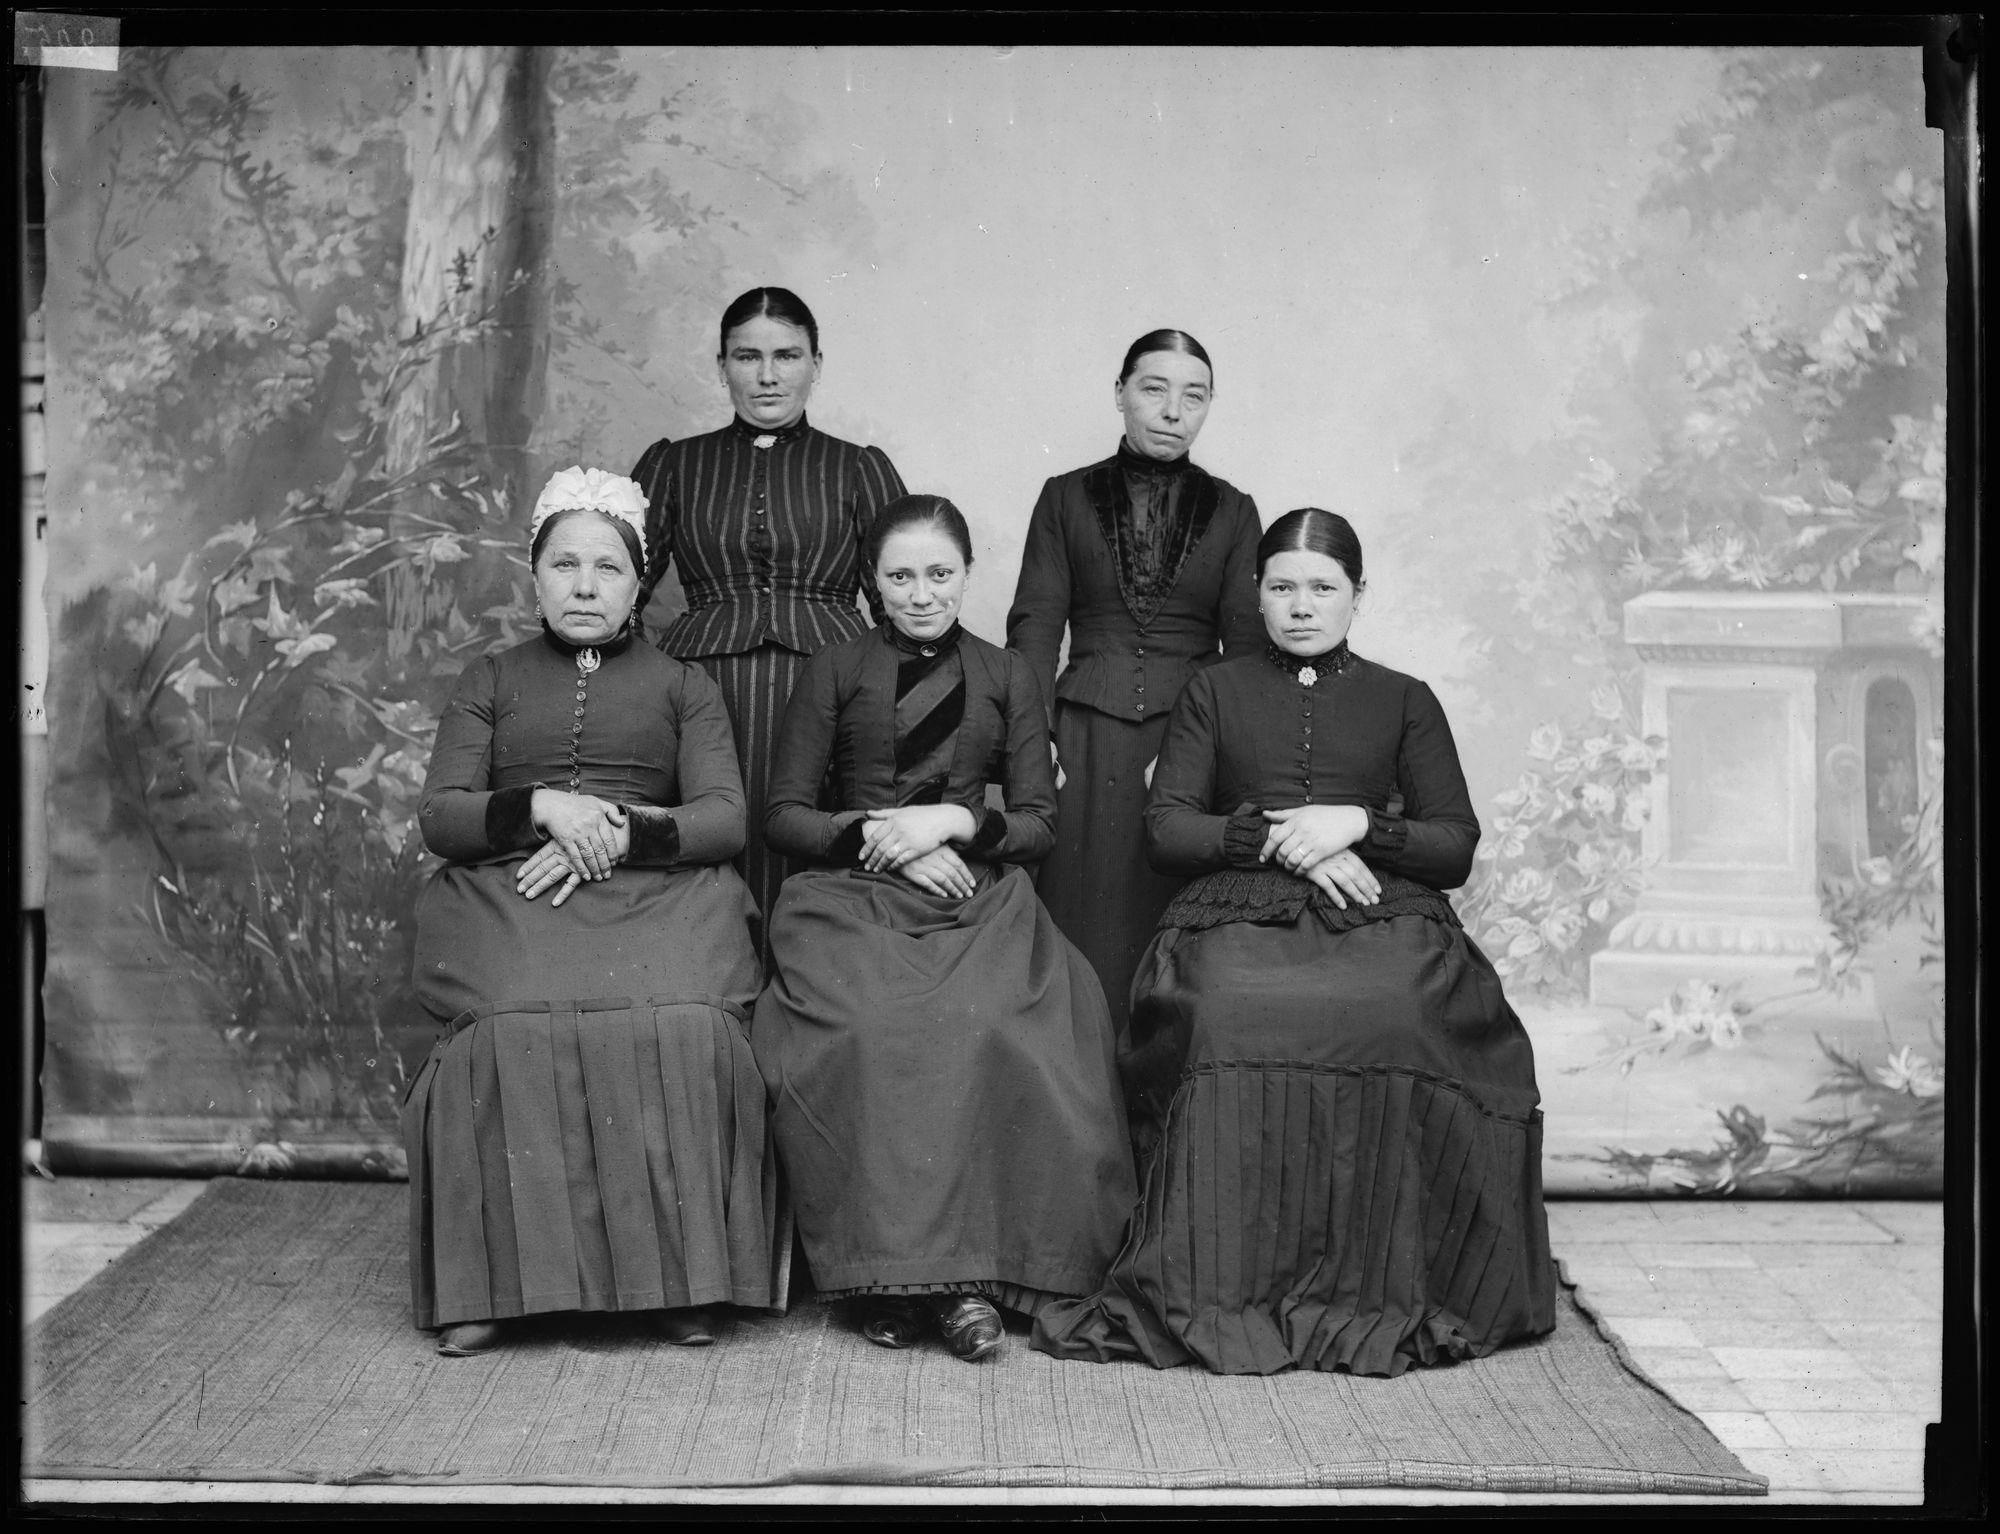 Portret van 5 vrouwen